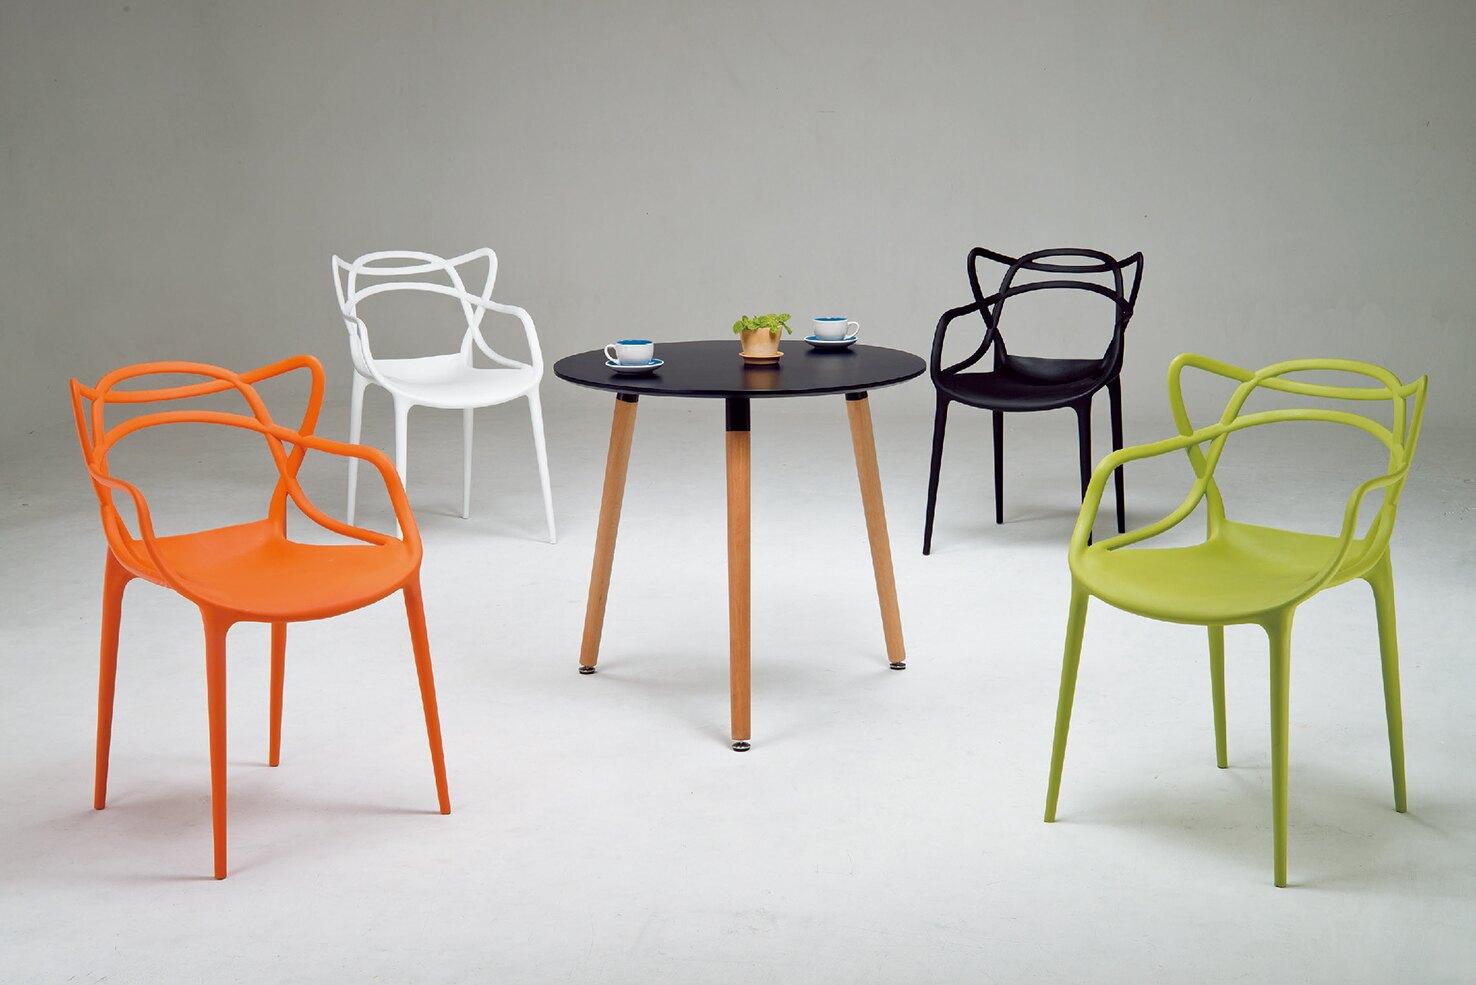 【 IS空間美學】哈根時尚休閒圓桌+伊萊克斯造型風格椅四色可選(1桌4椅)